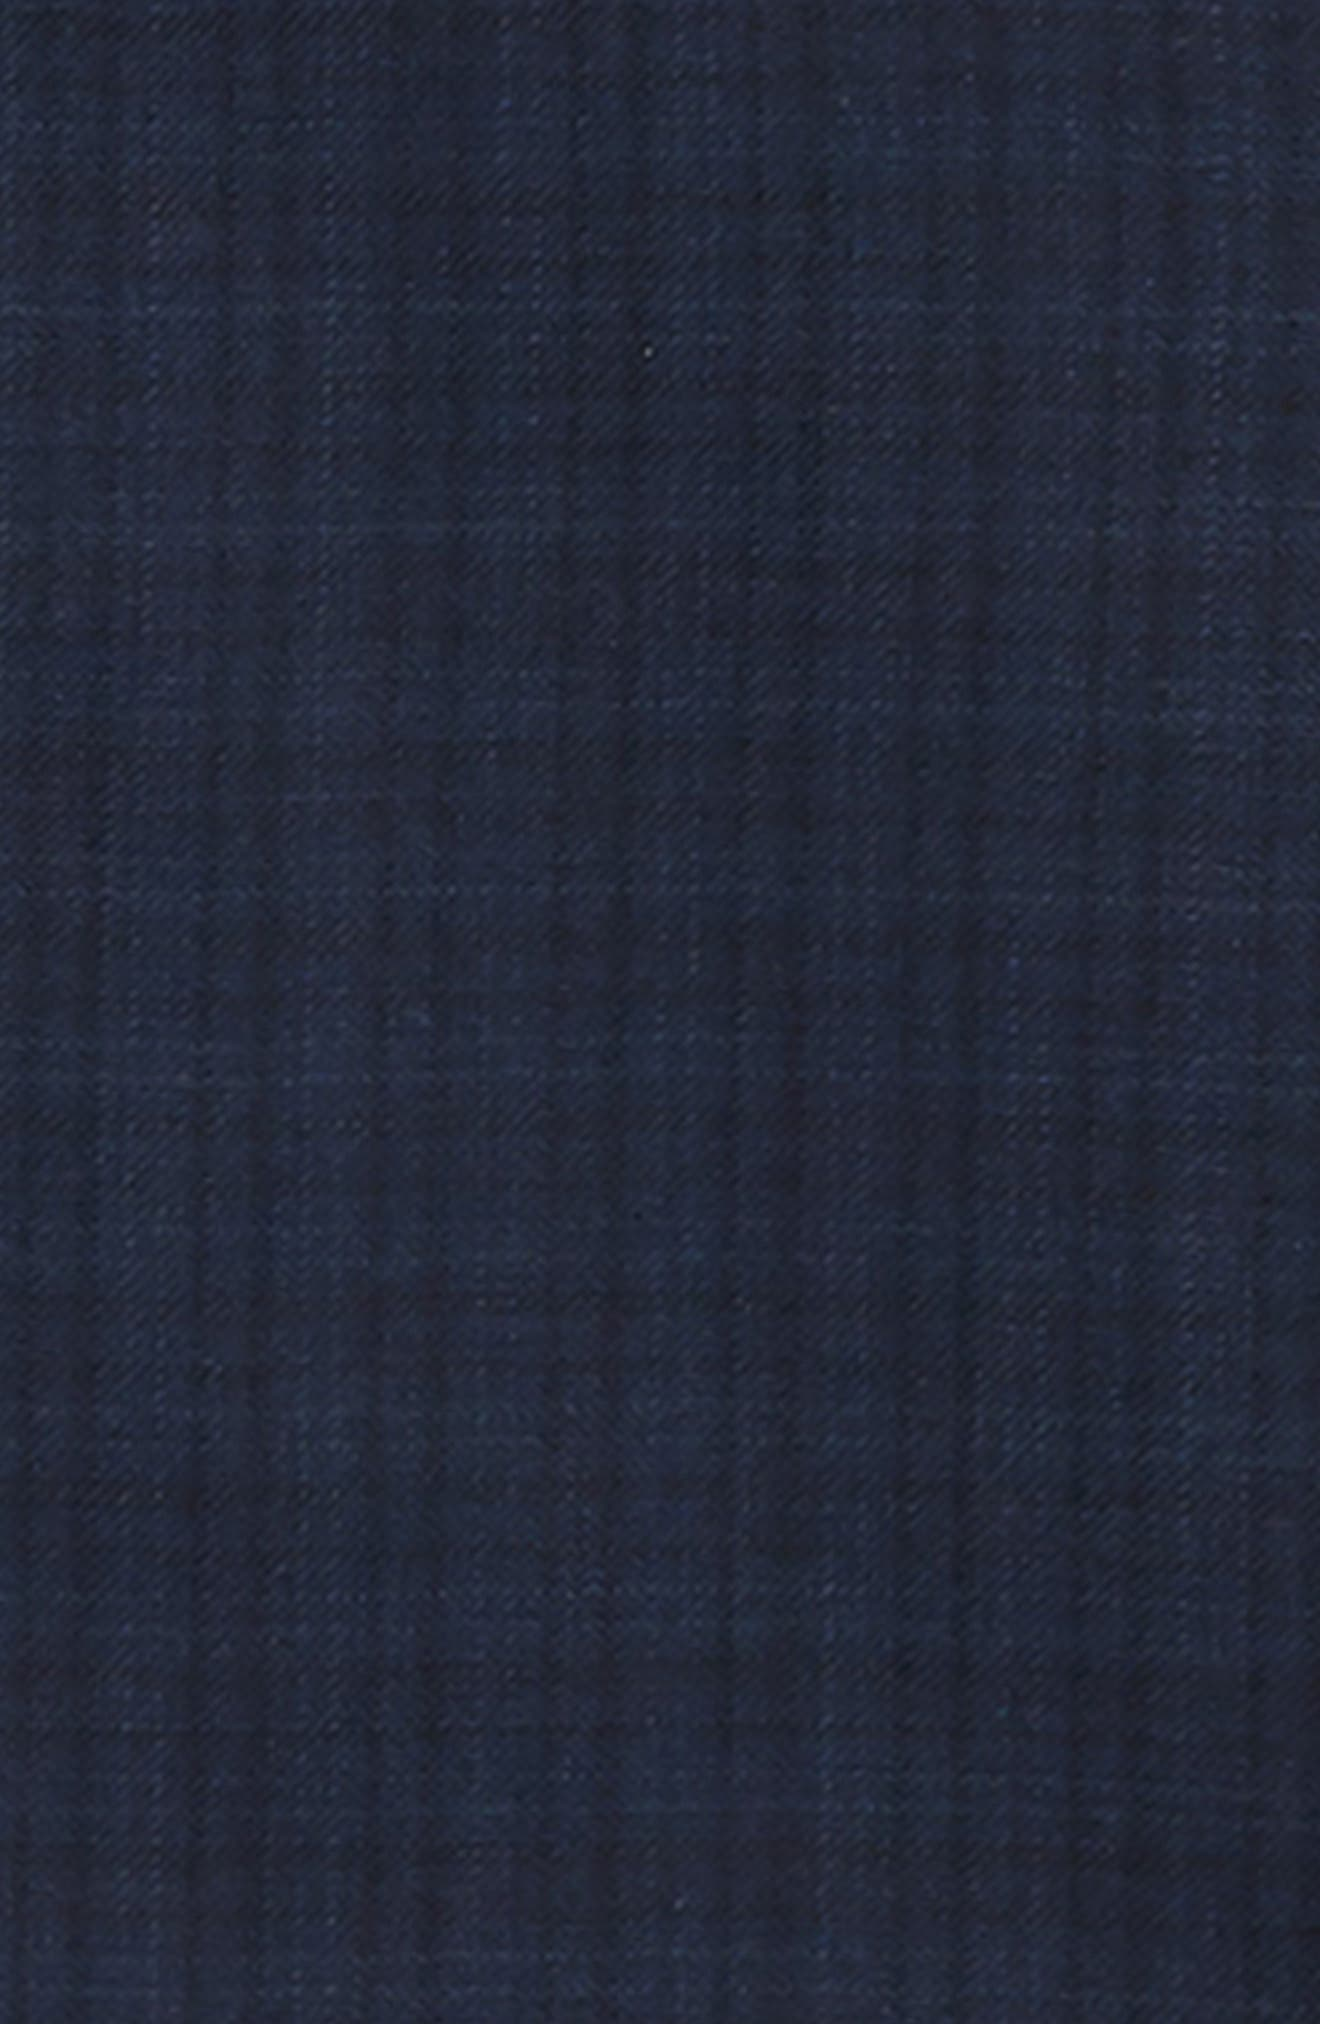 Plaid Wool Suit,                             Alternate thumbnail 2, color,                             BLUE